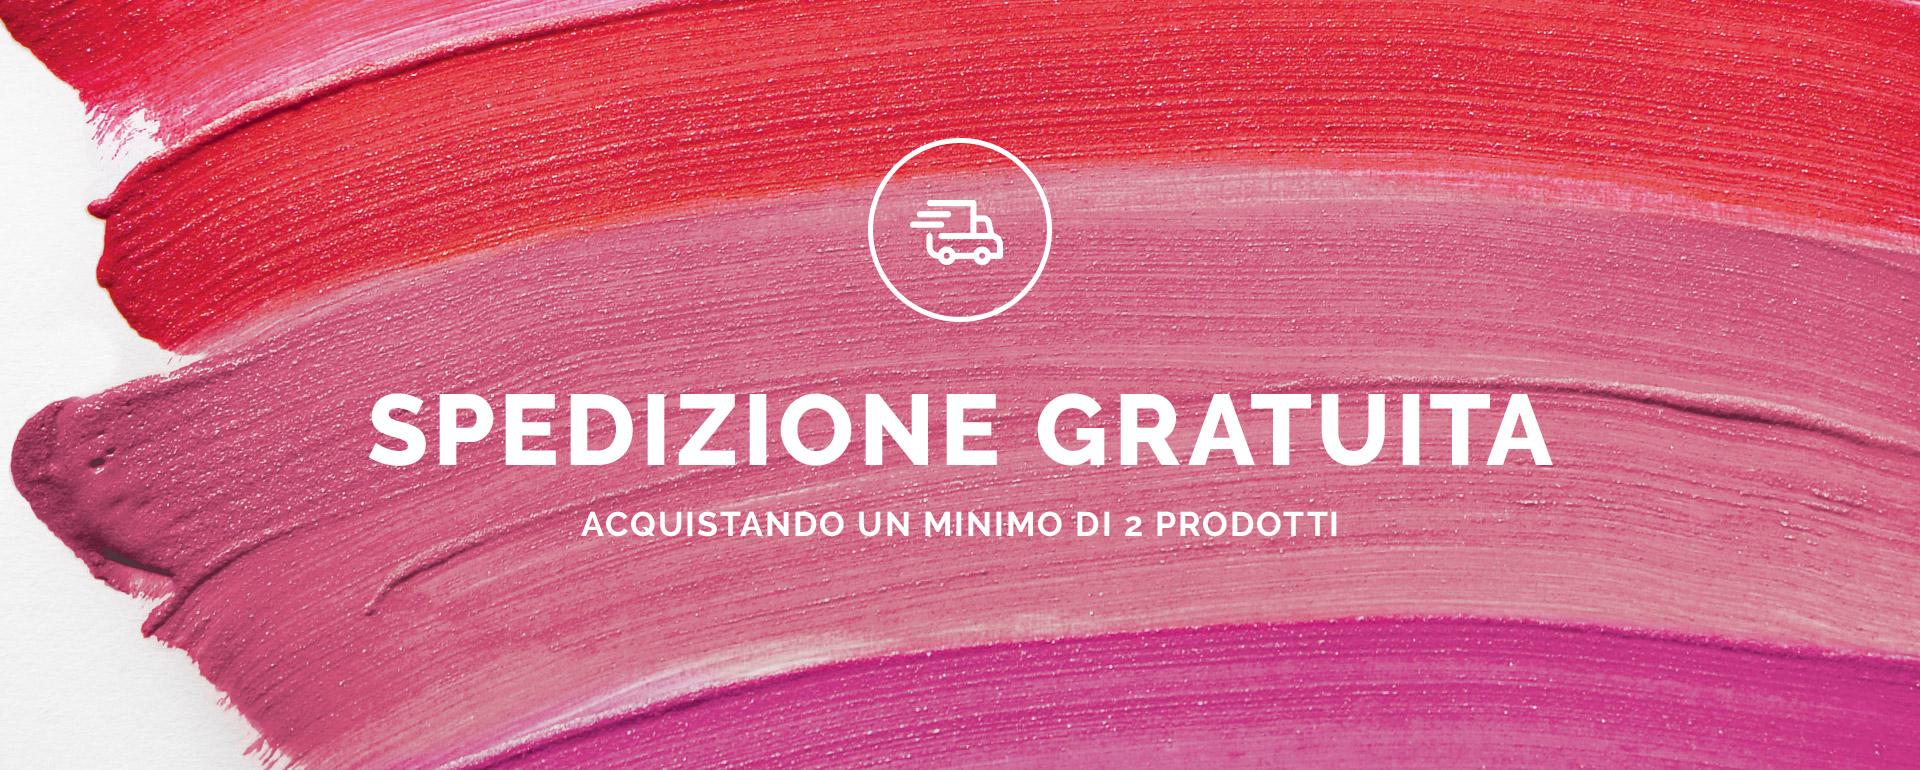 Spedizione Gratis - PUPA Milano - PUPA Milano